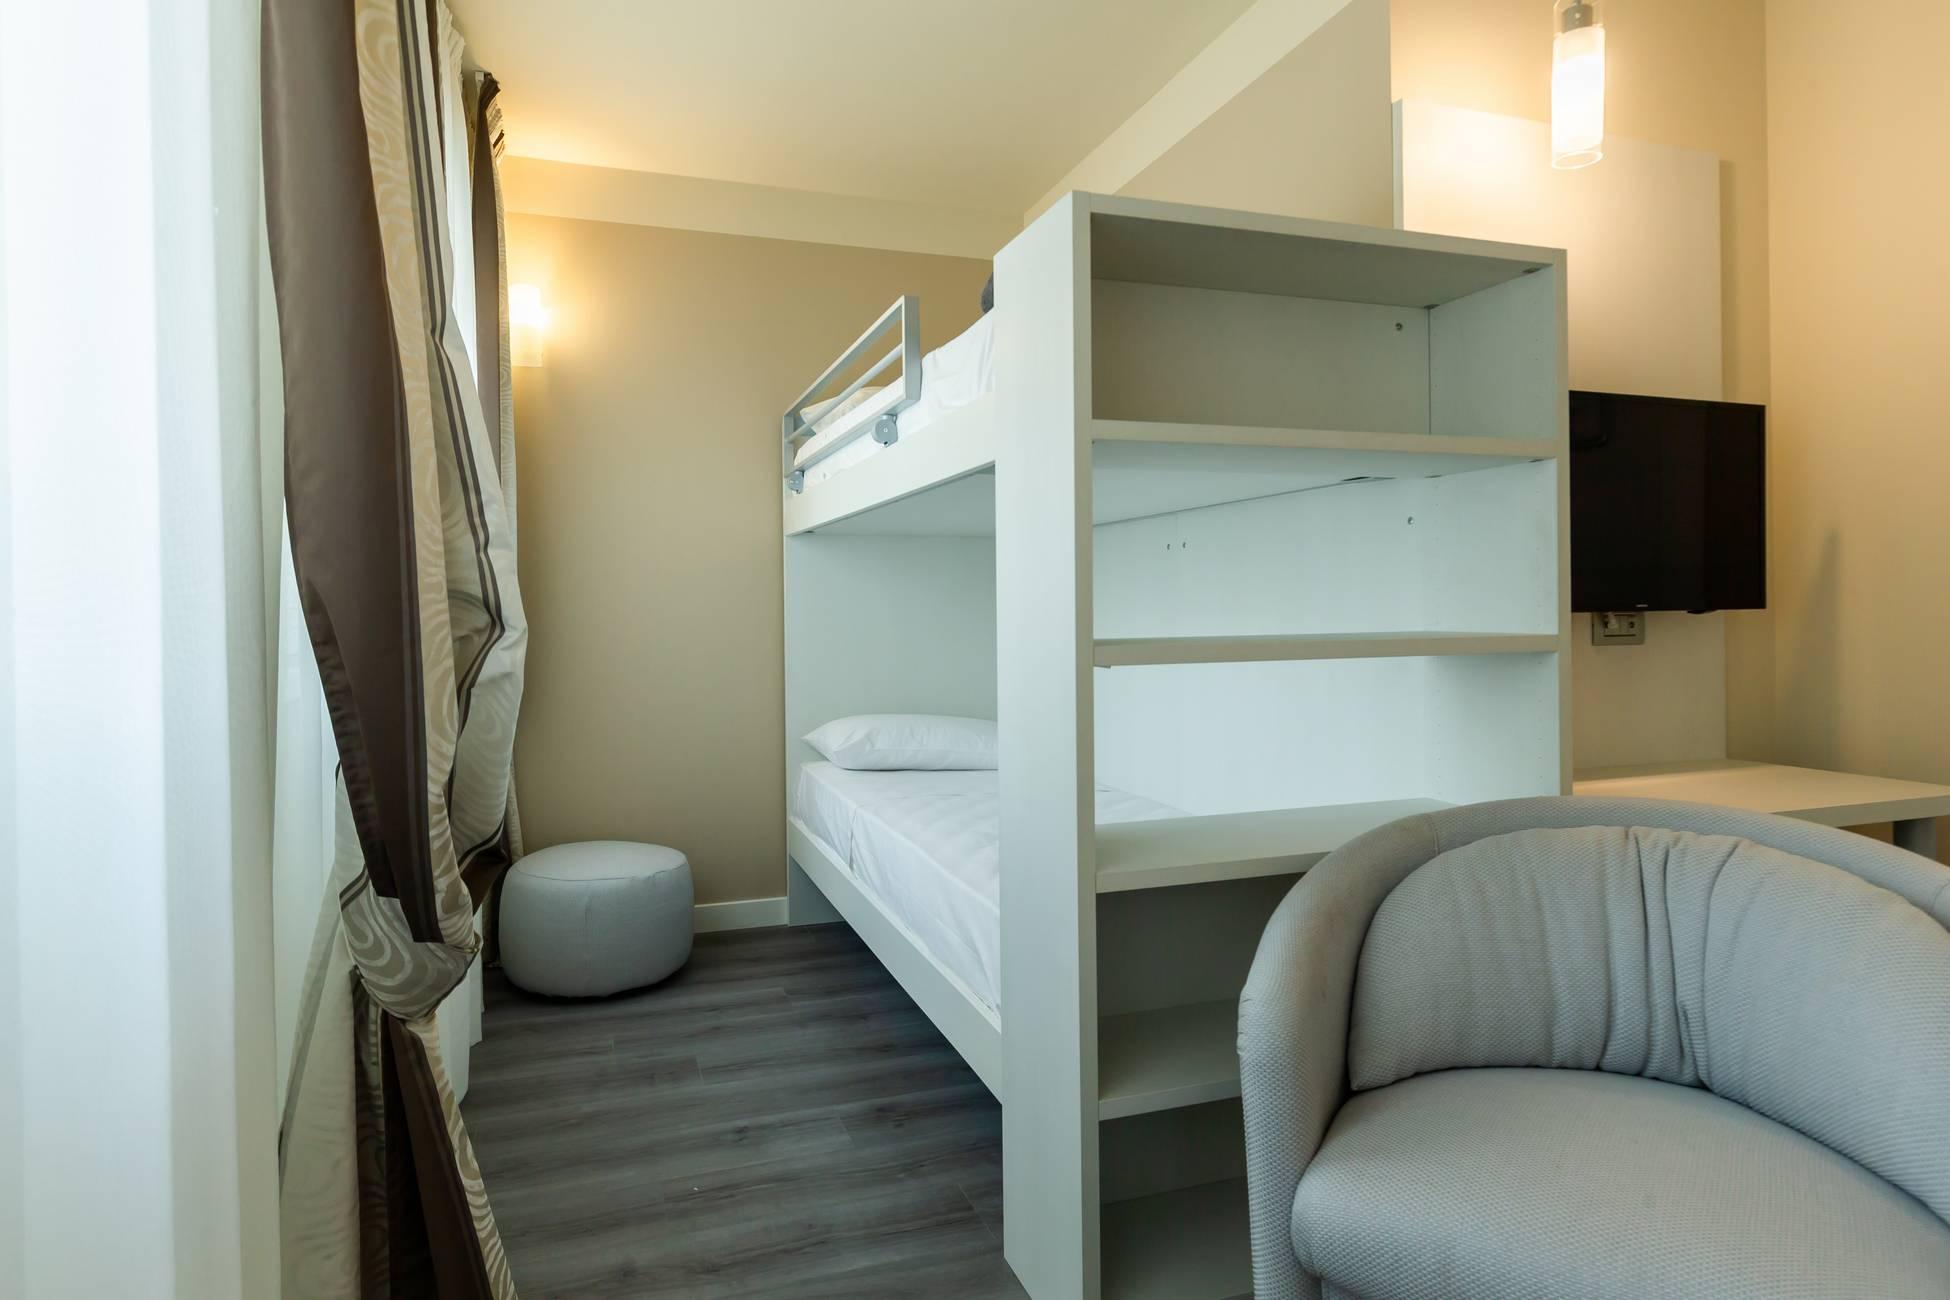 Lit Superposé 3 Étages chambre familiale grand lit + 2 lits superposés